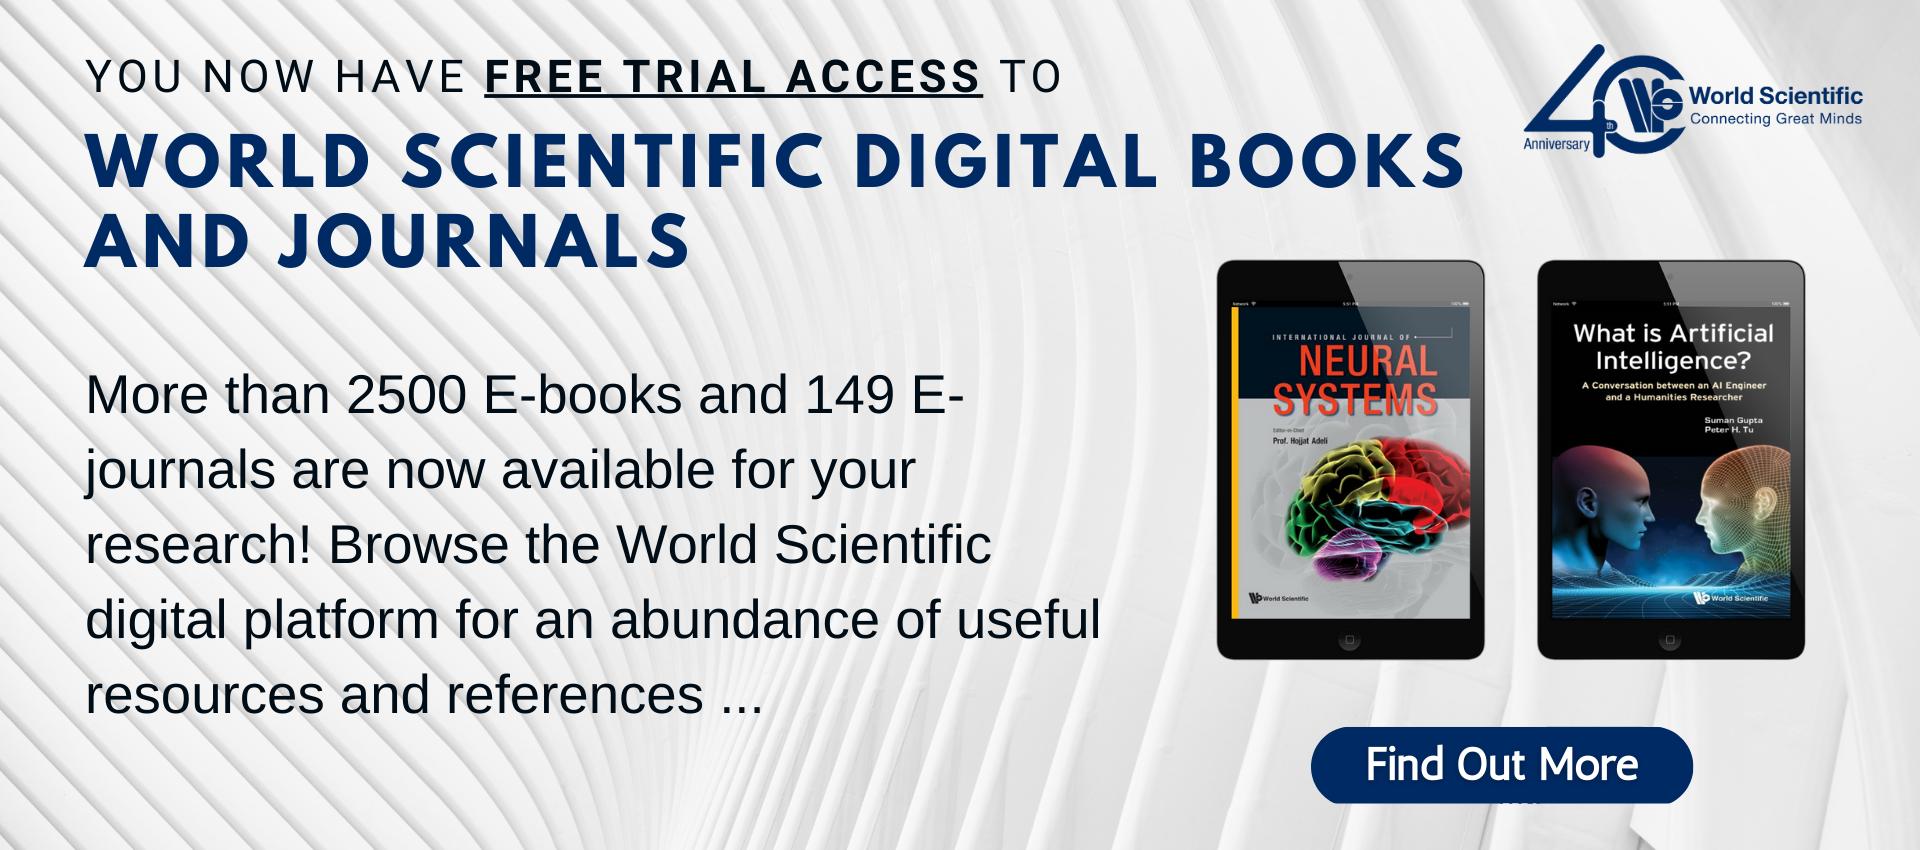 World Scientific Digital Books and Journals